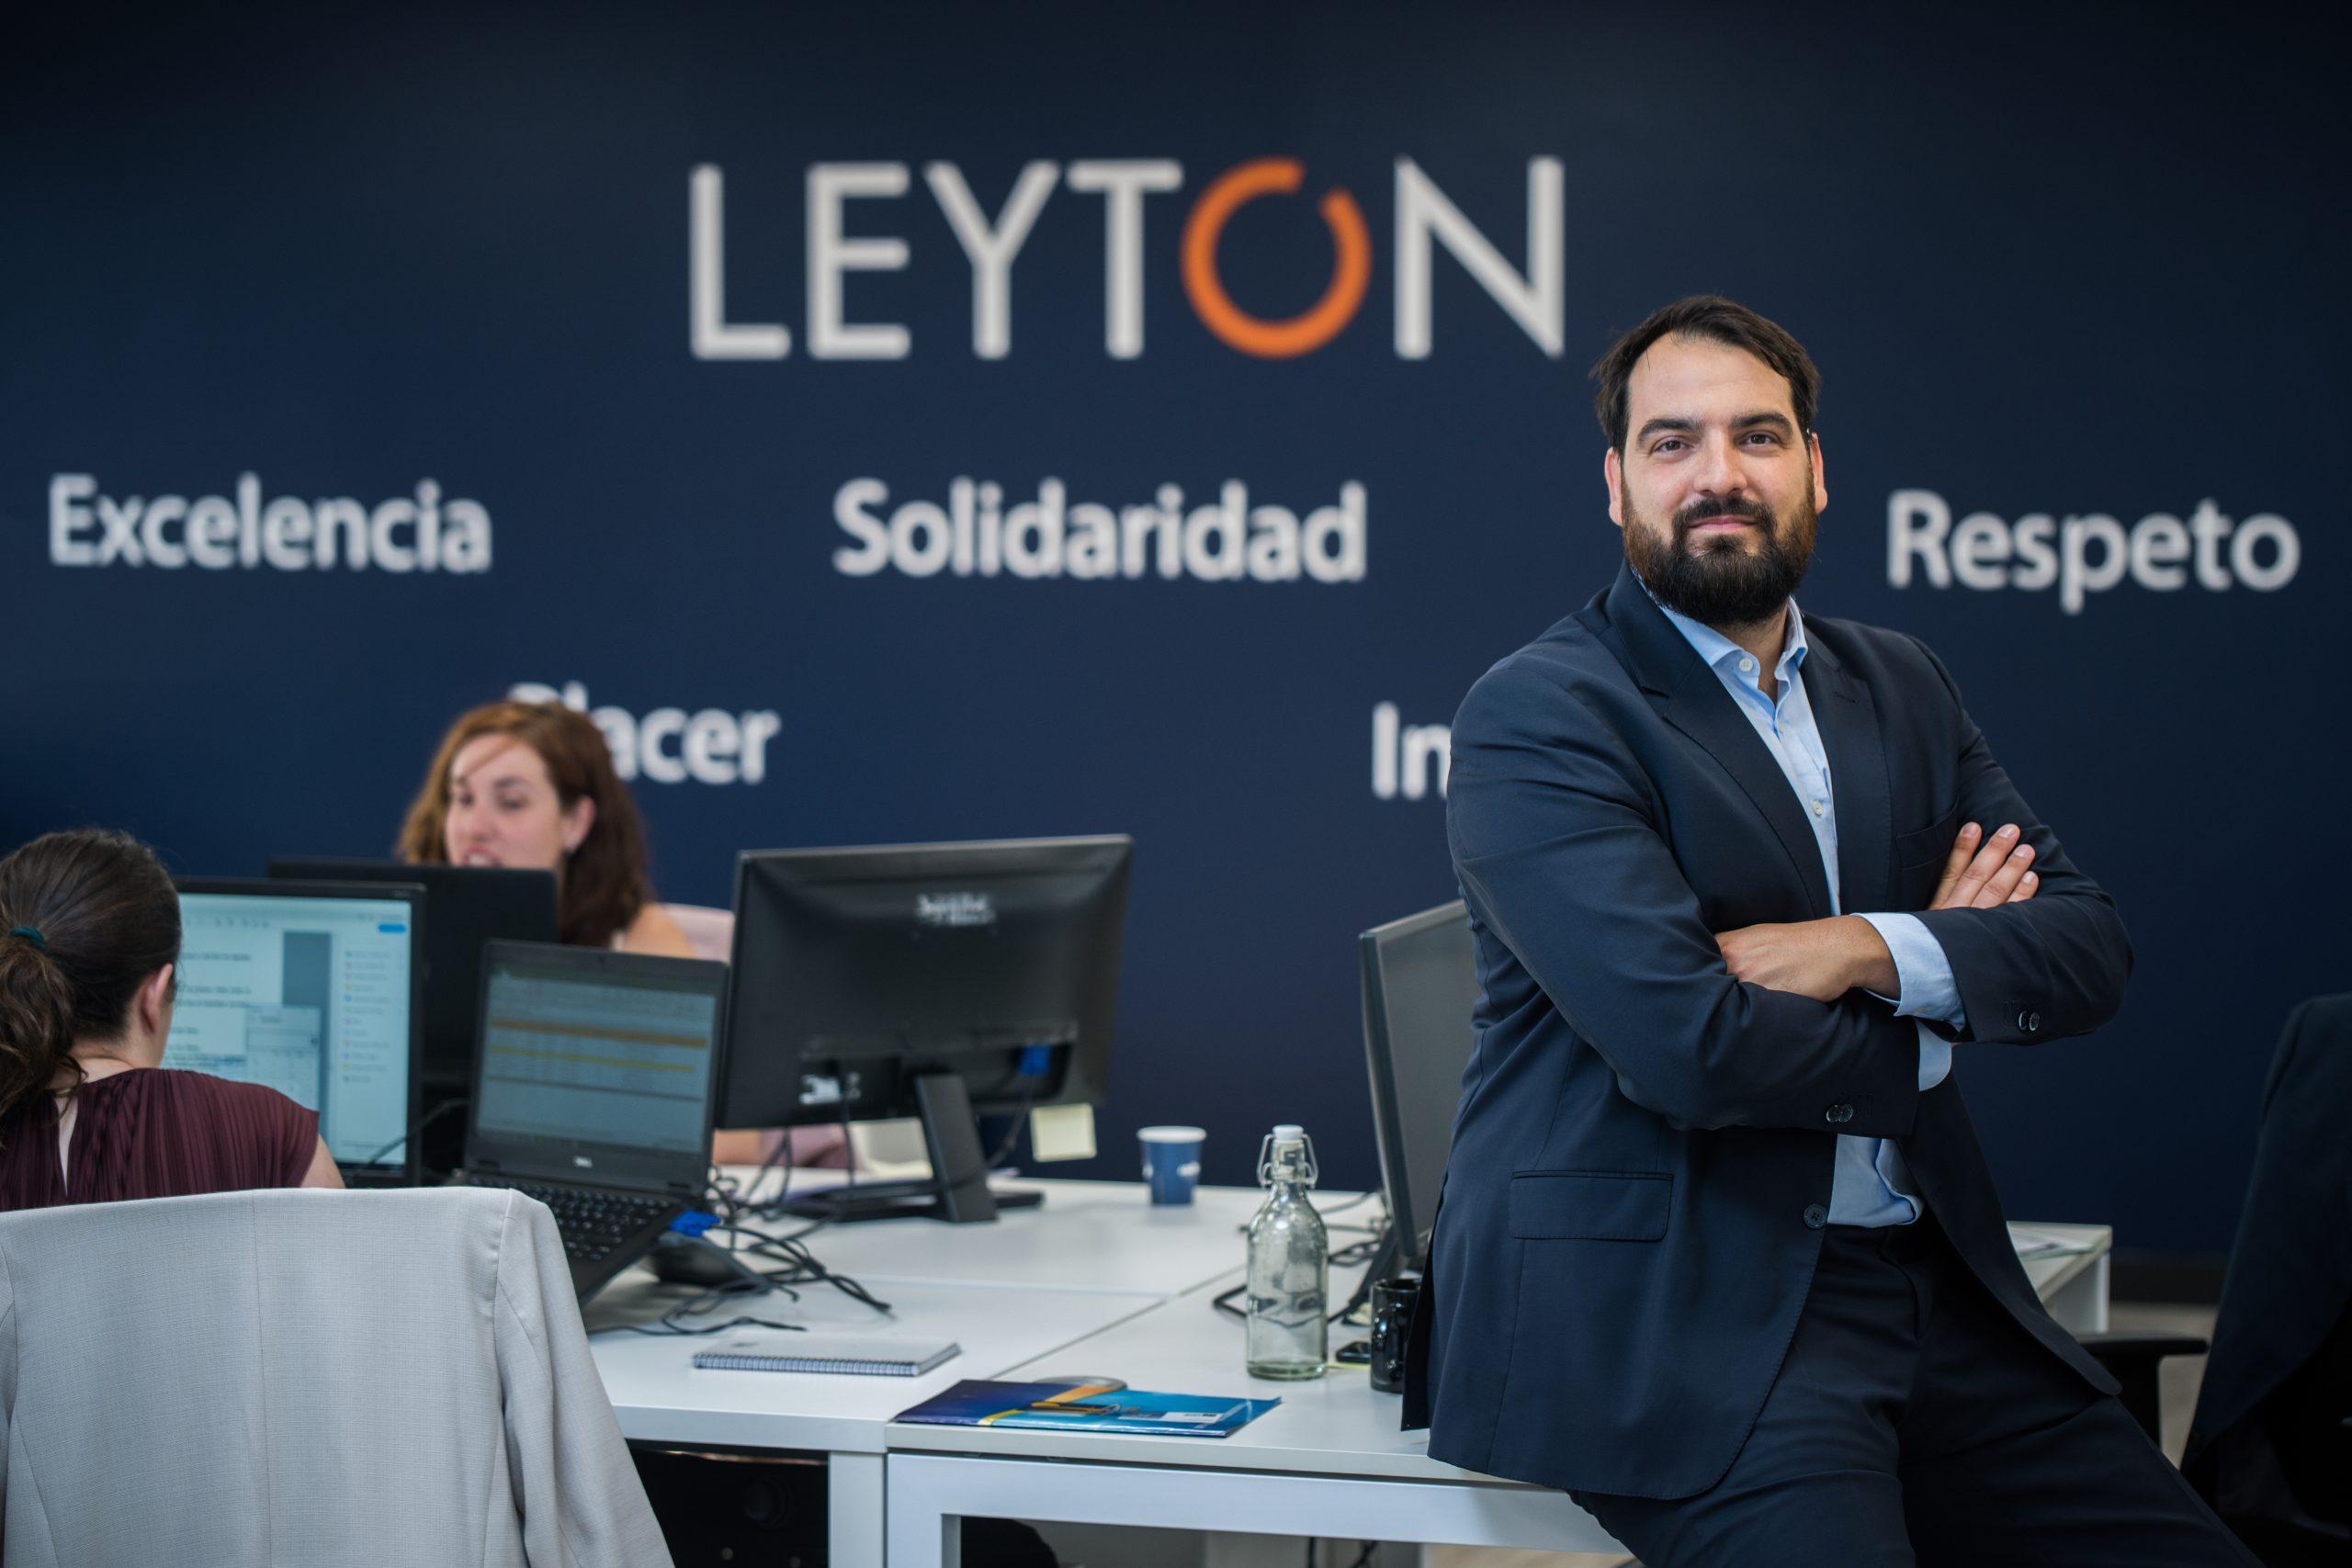 Leyton es una consultora global, dedicada a mejorar el rendimiento financiero de las empresas dedicadas a la I+D+i. En la compañía son expertos en financiación de la innovación, fiscalidad y el ahorro de costes